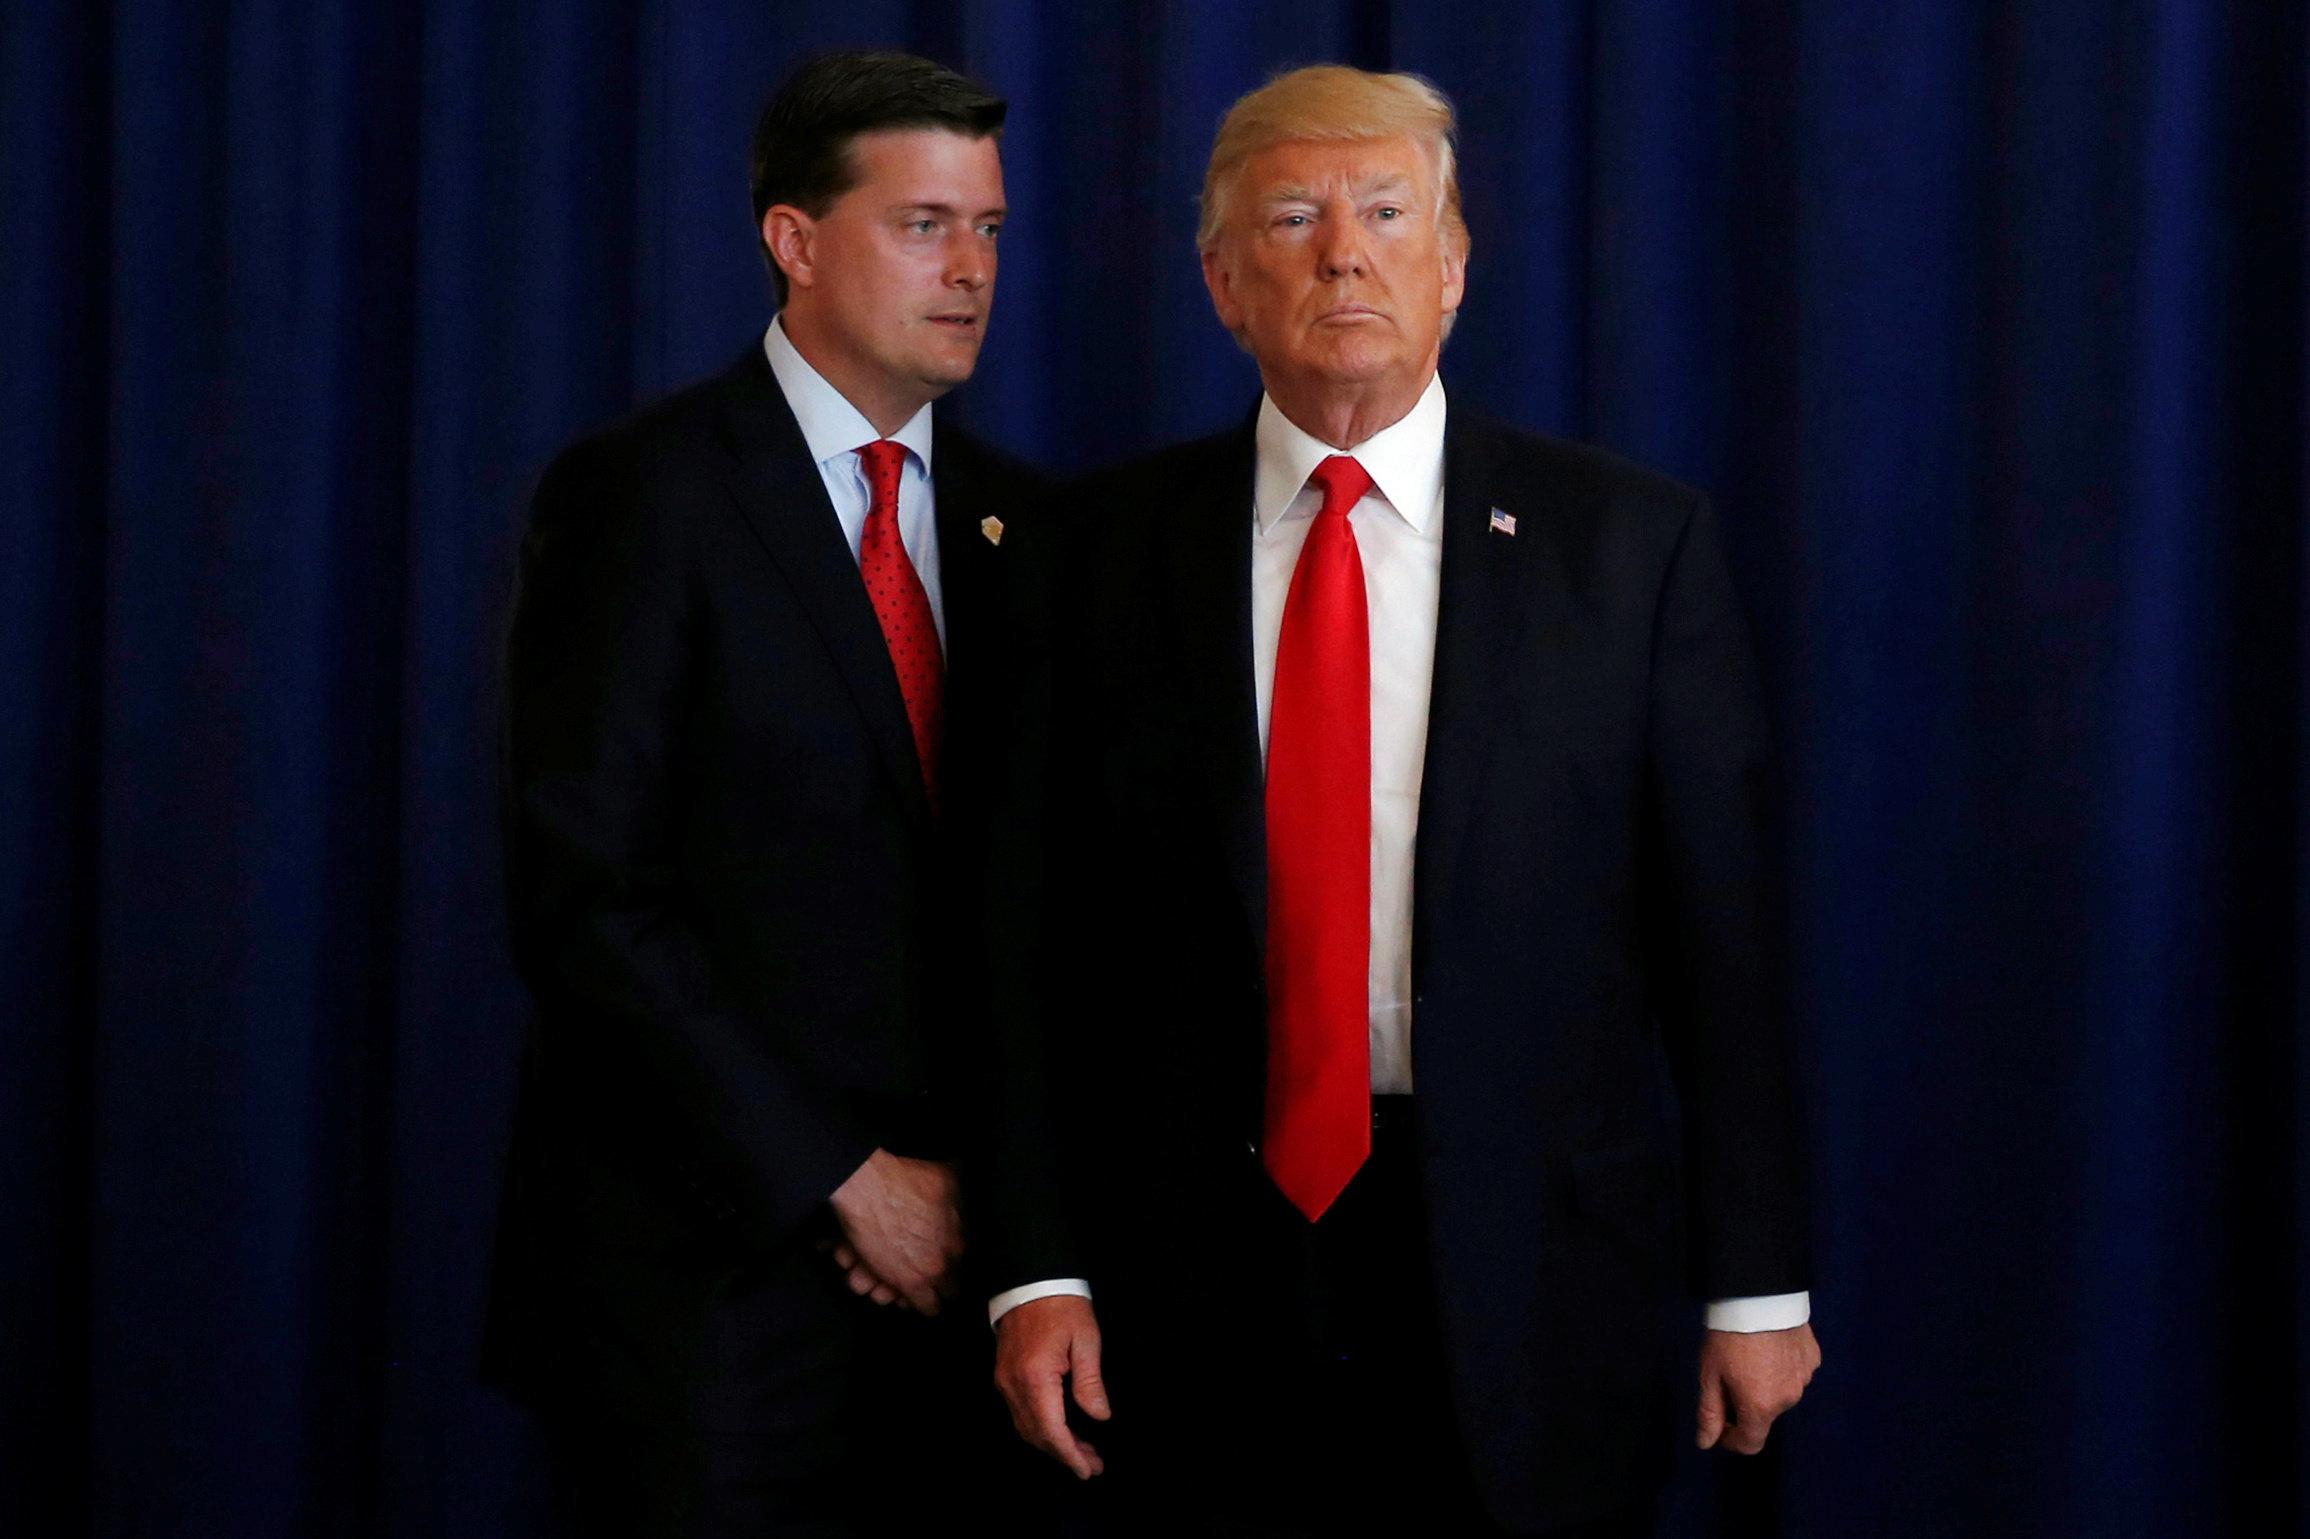 Donald Trump y Rob Porter (i), el entonces jefe de personal de la Casa Blanca, comparecen juntos en